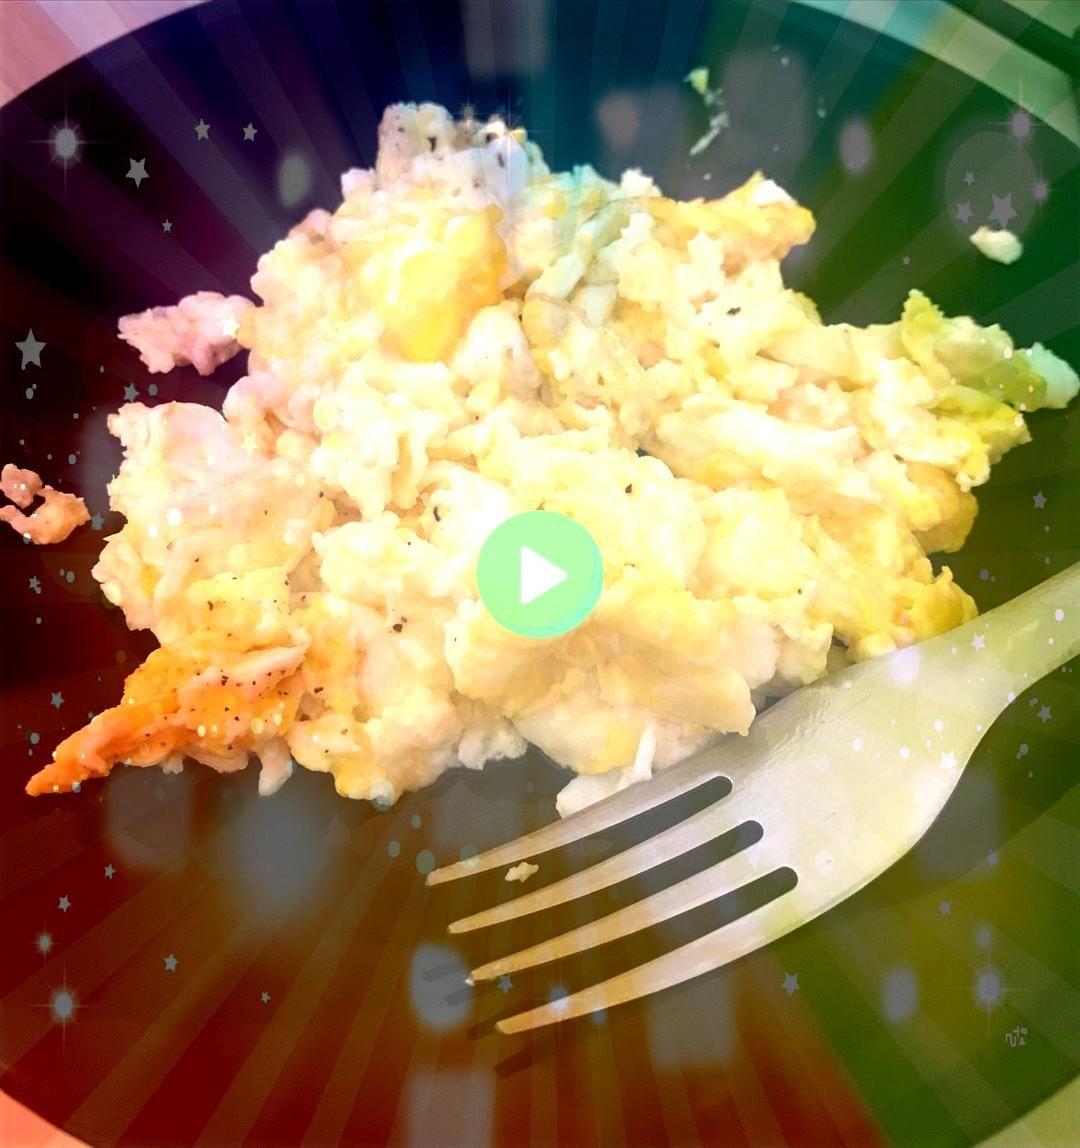 e não desistência Constância e não desistência  Delicious cashew crunch shredded brussels sprouts salad tossed in a flavorful sesame ginge...